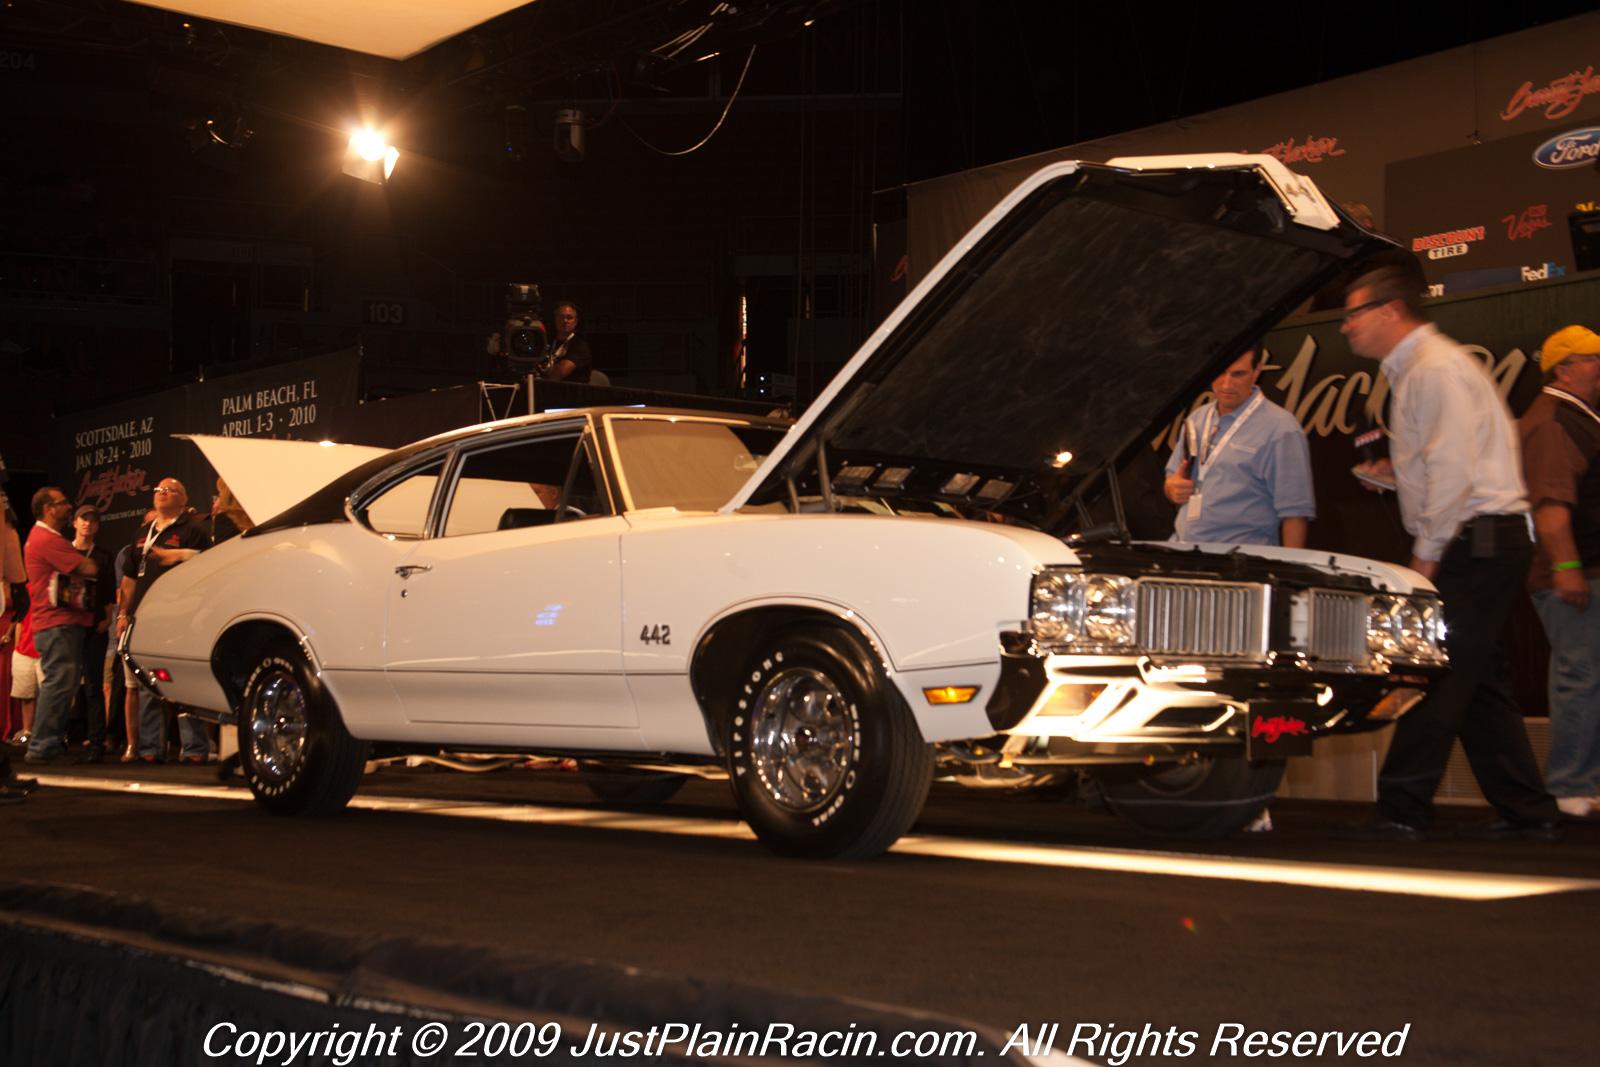 2009 10 09 NV - Barrett-Jackson 17.jpg